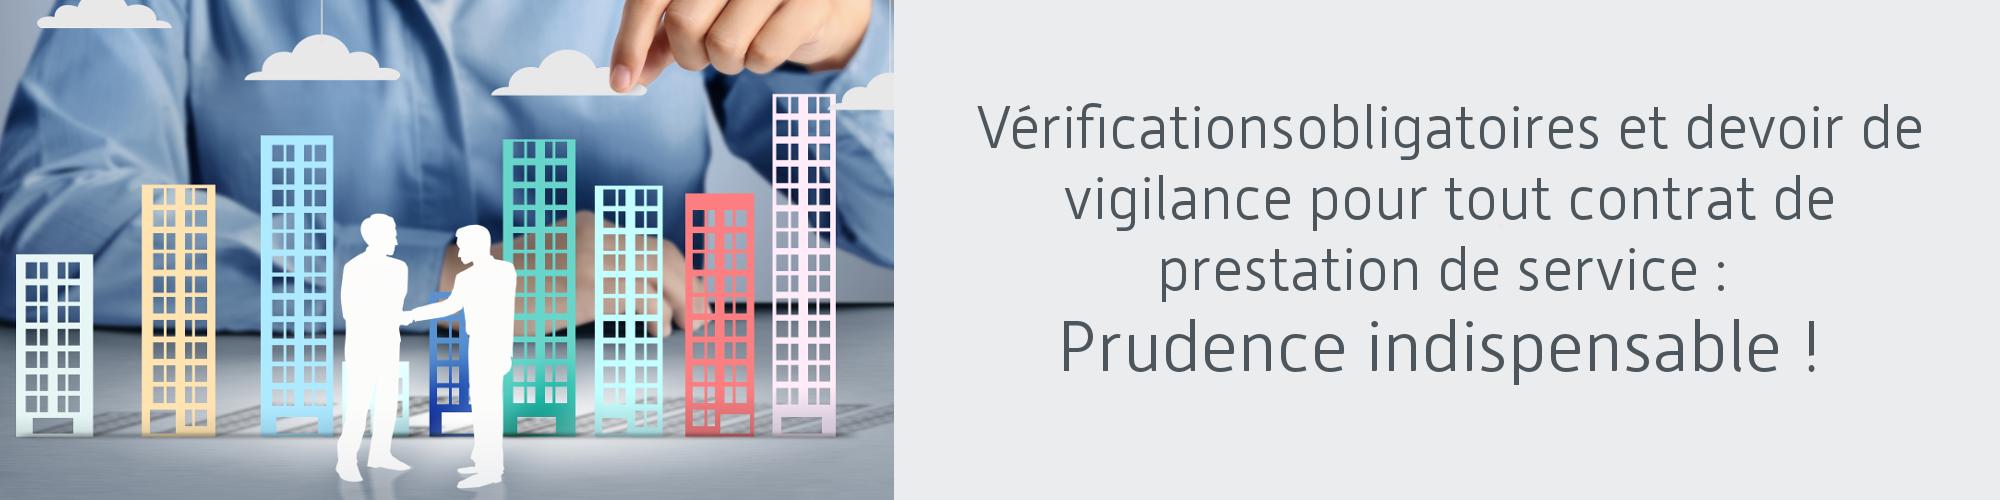 Verifications Obligatoires Et Devoir De Vigilance Pour Tout Contrat